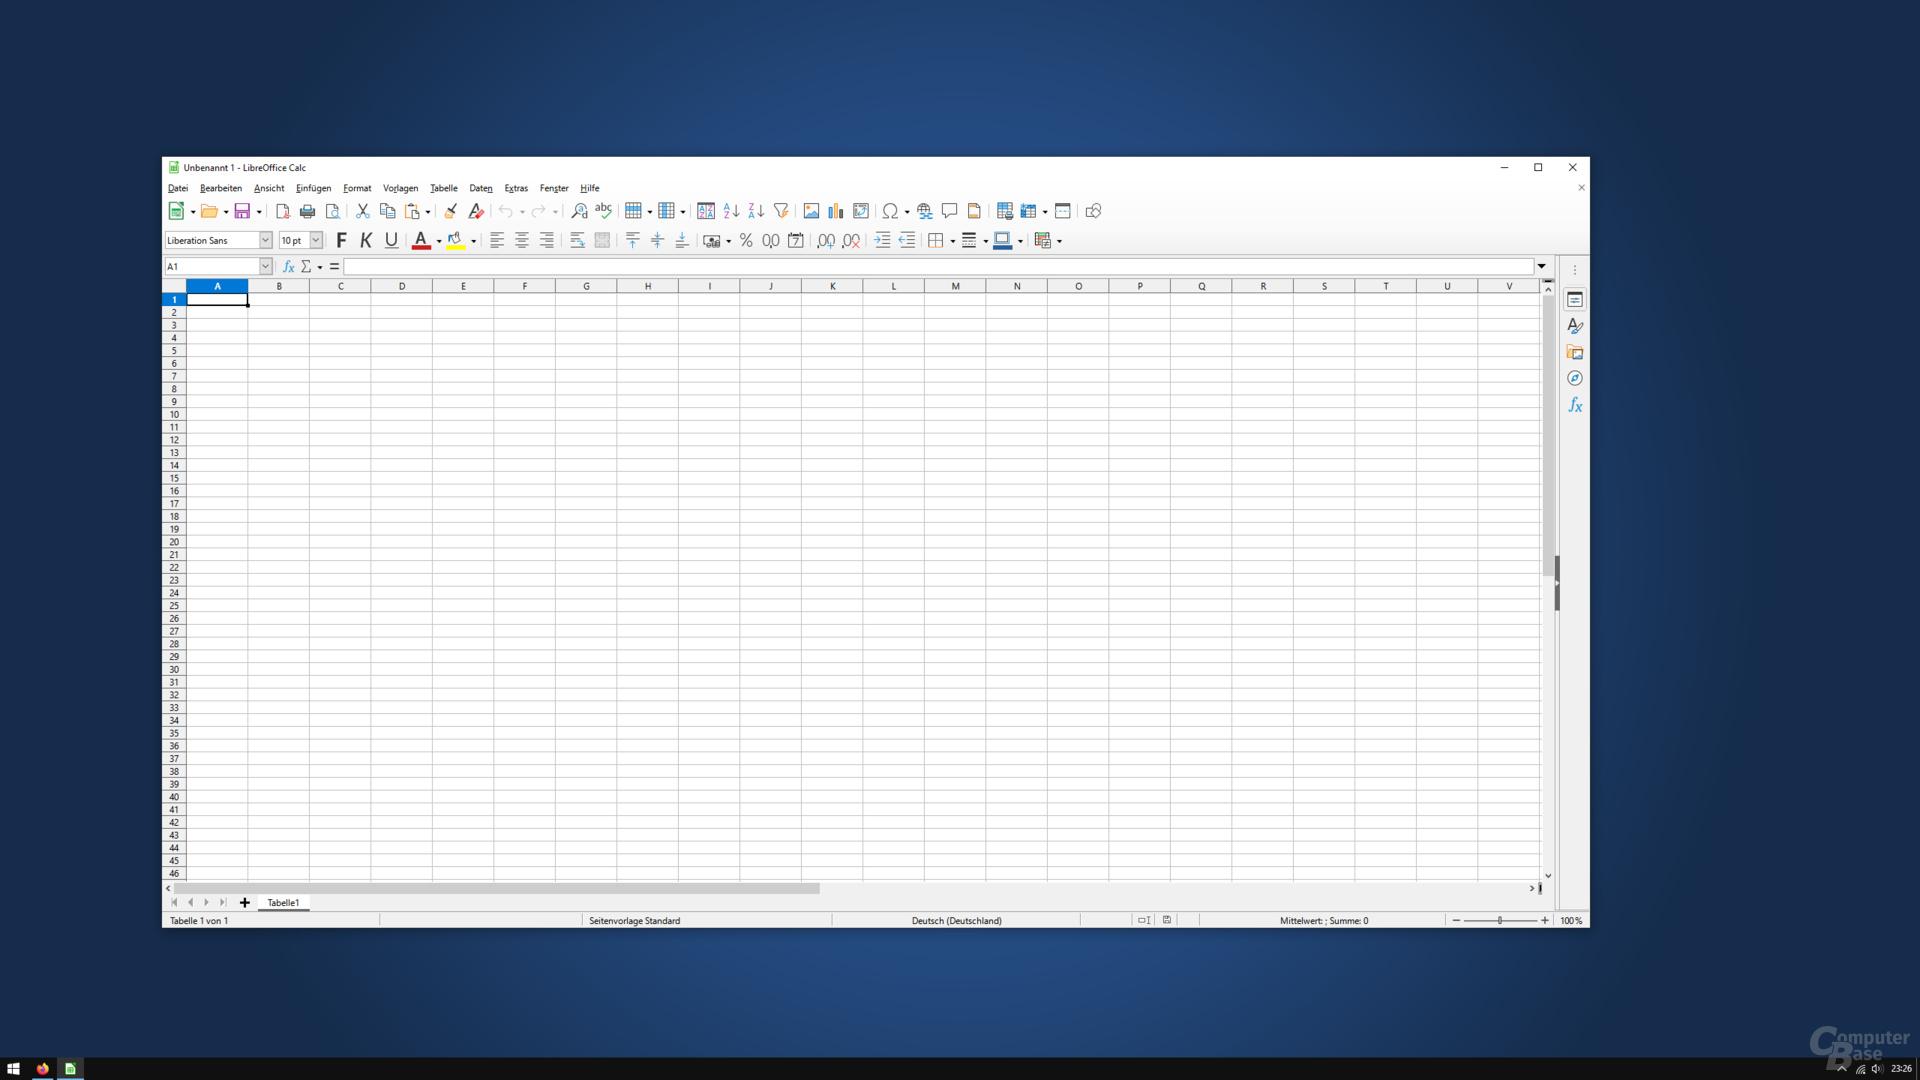 LibreOffice 7.0.0.3 – Calc